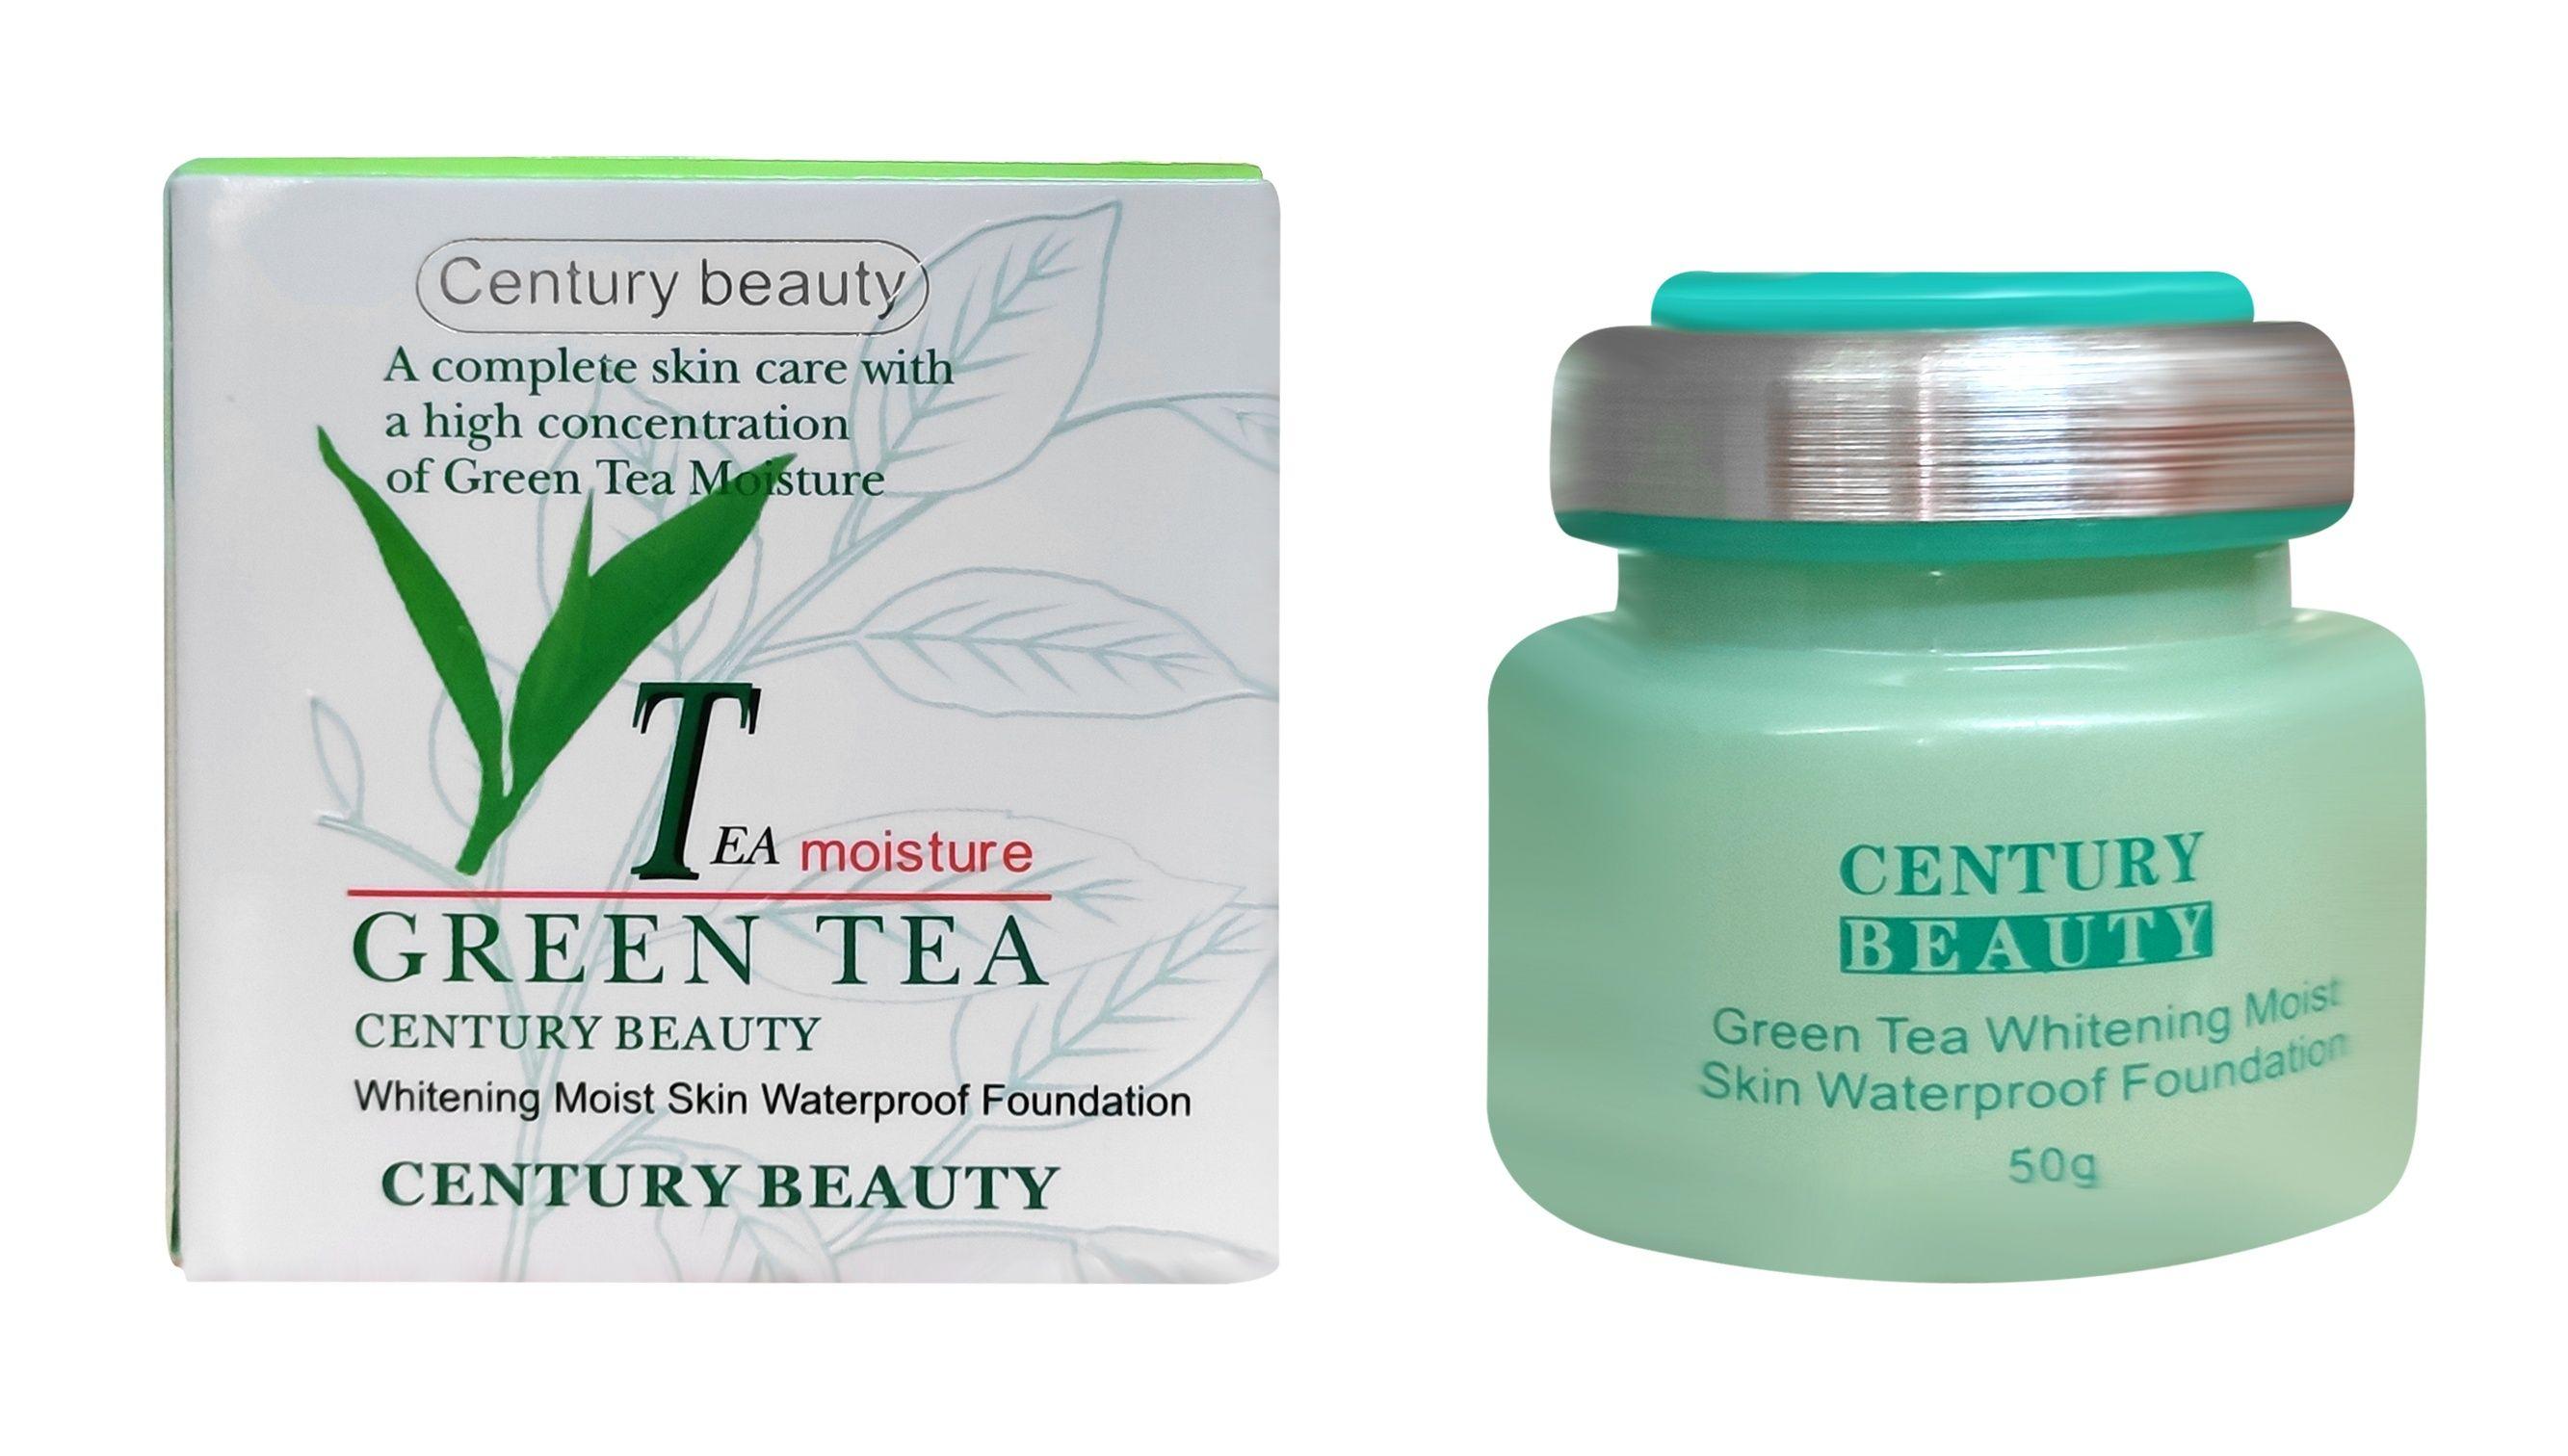 GREEN TEA Whitening Moist Skin Waterproof Foundation 50g